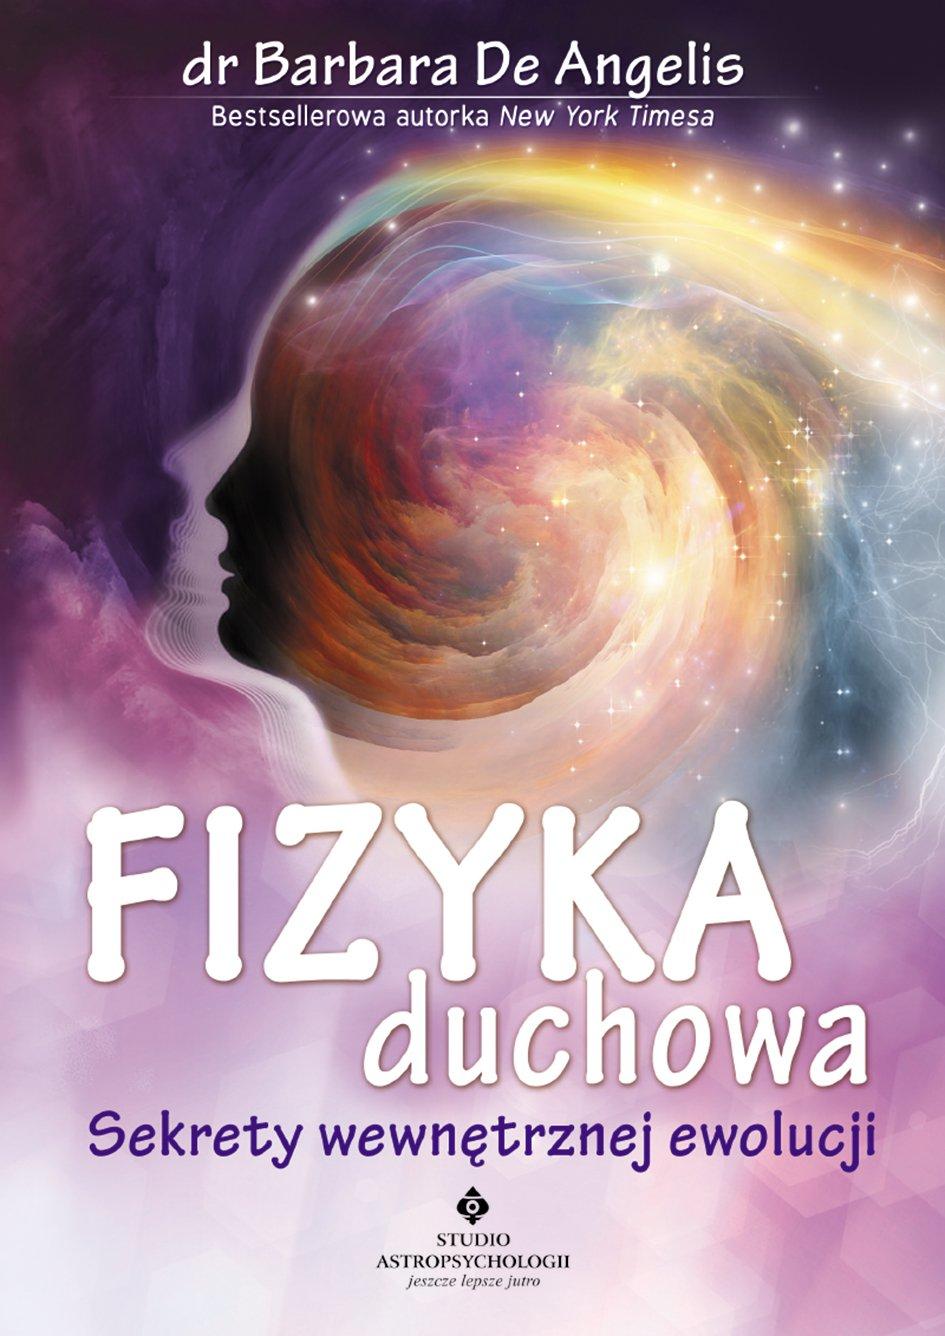 Fizyka duchowa. Sekrety wewnętrznej ewolucji - Ebook (Książka na Kindle) do pobrania w formacie MOBI